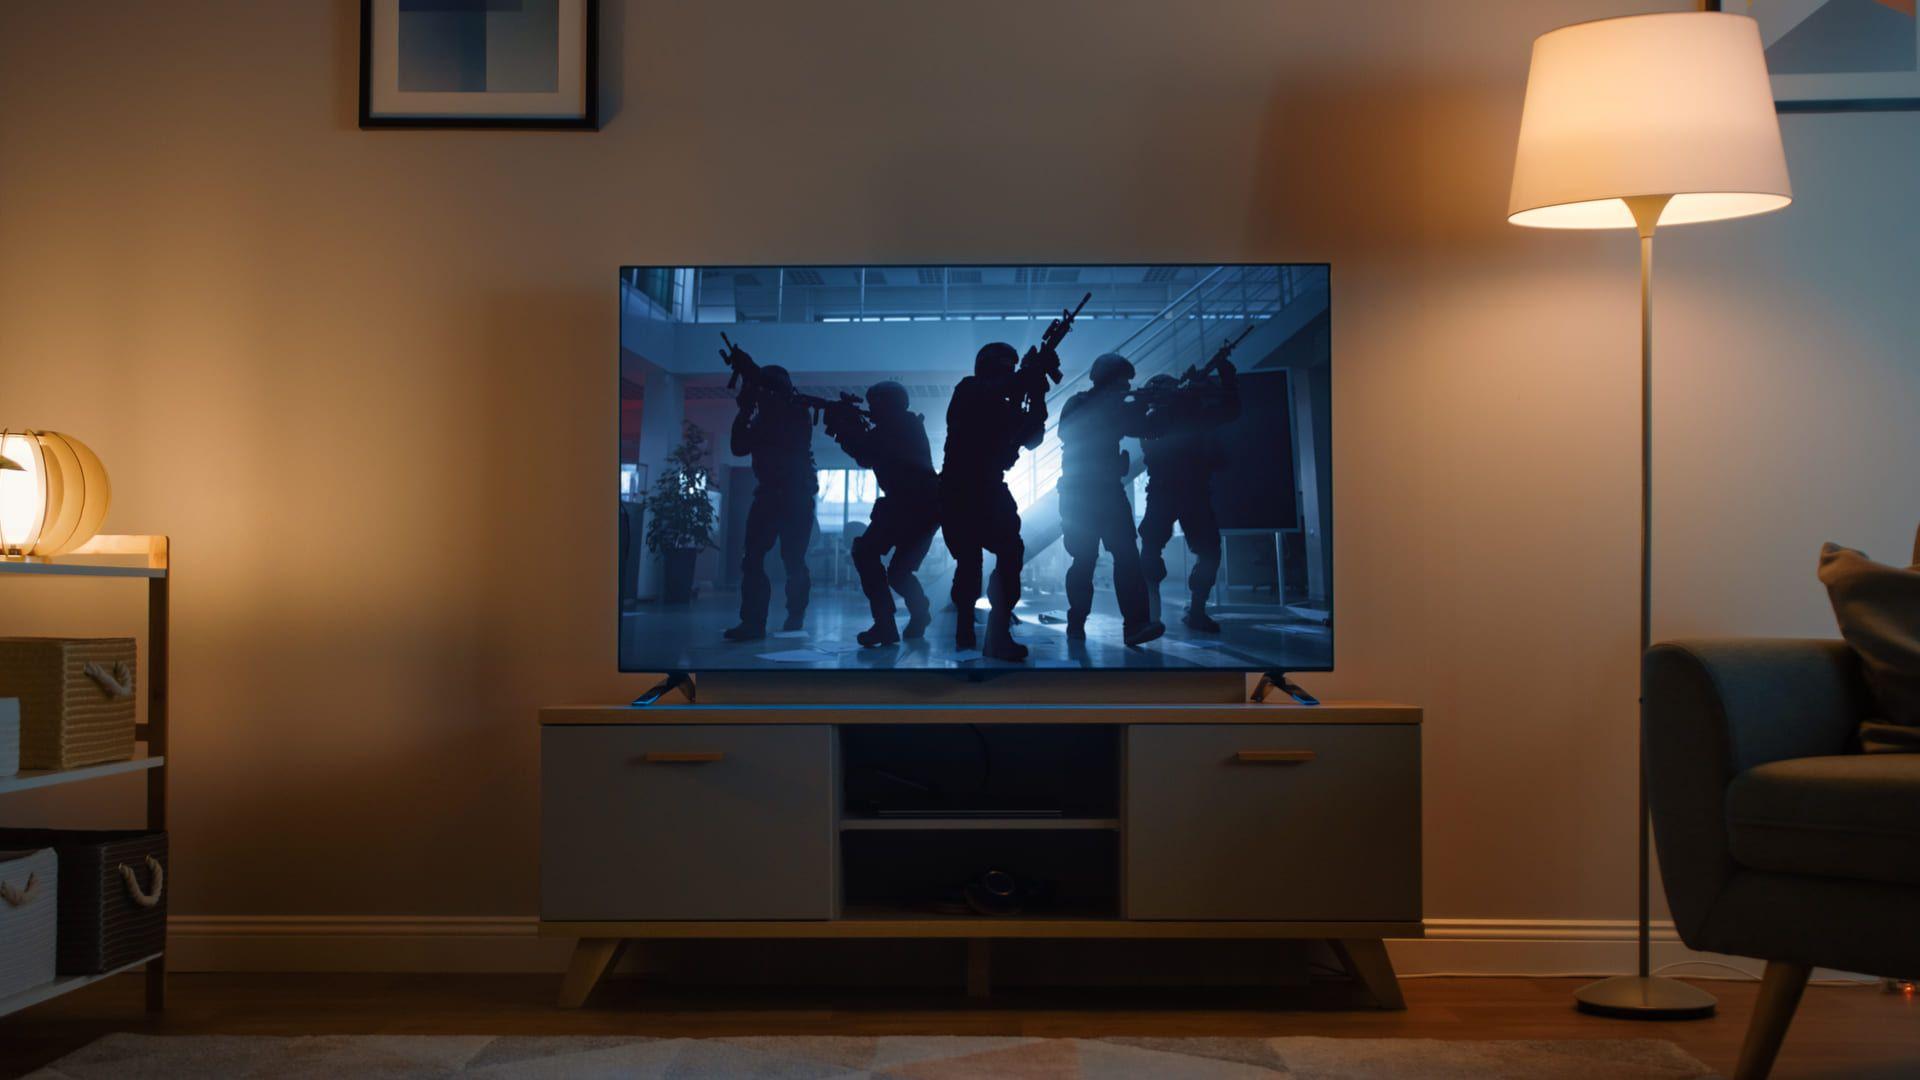 Sala de estar com TV no centro, com soldados armados aparecendo na tela